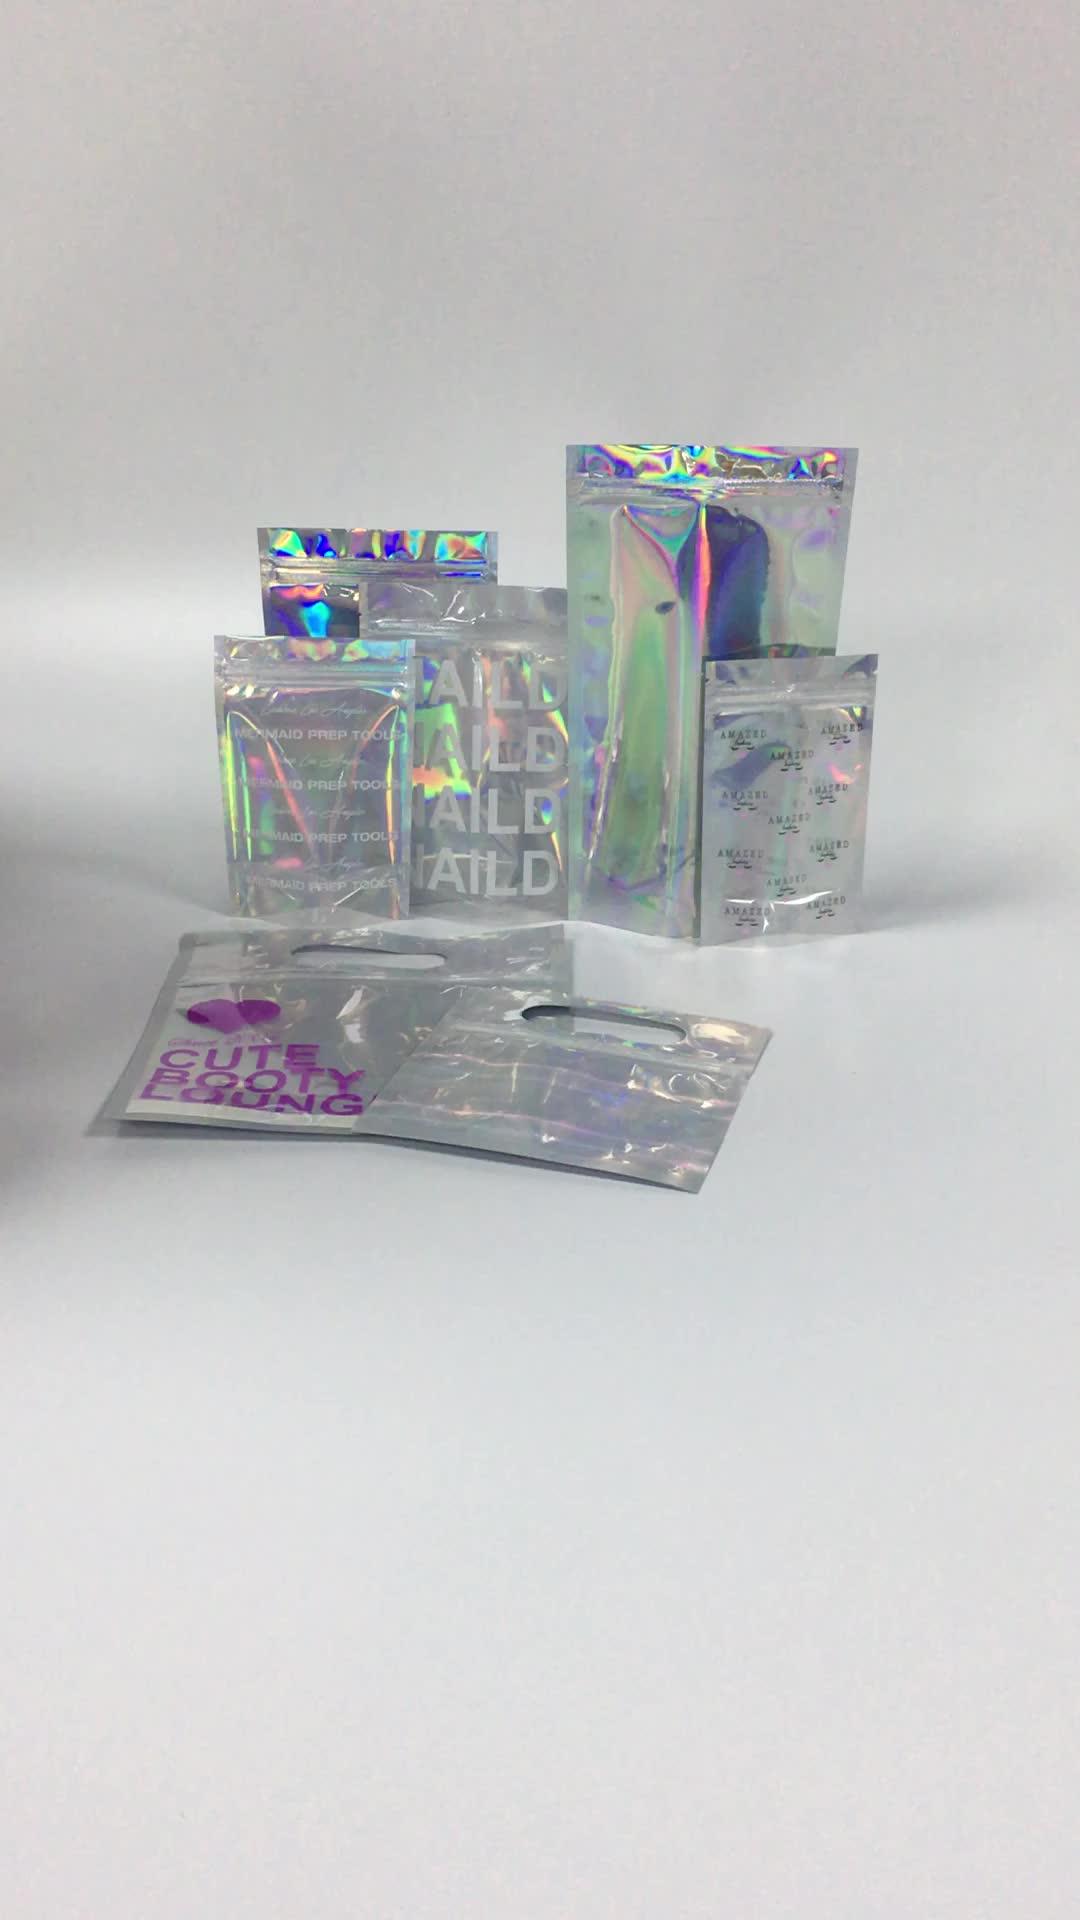 Épices l'hologramme mylar fermeture éclair sac zip de mauvaise herbe en plastique jungle garçons d'emballage pour la capsule/cosmétiques/vêtements